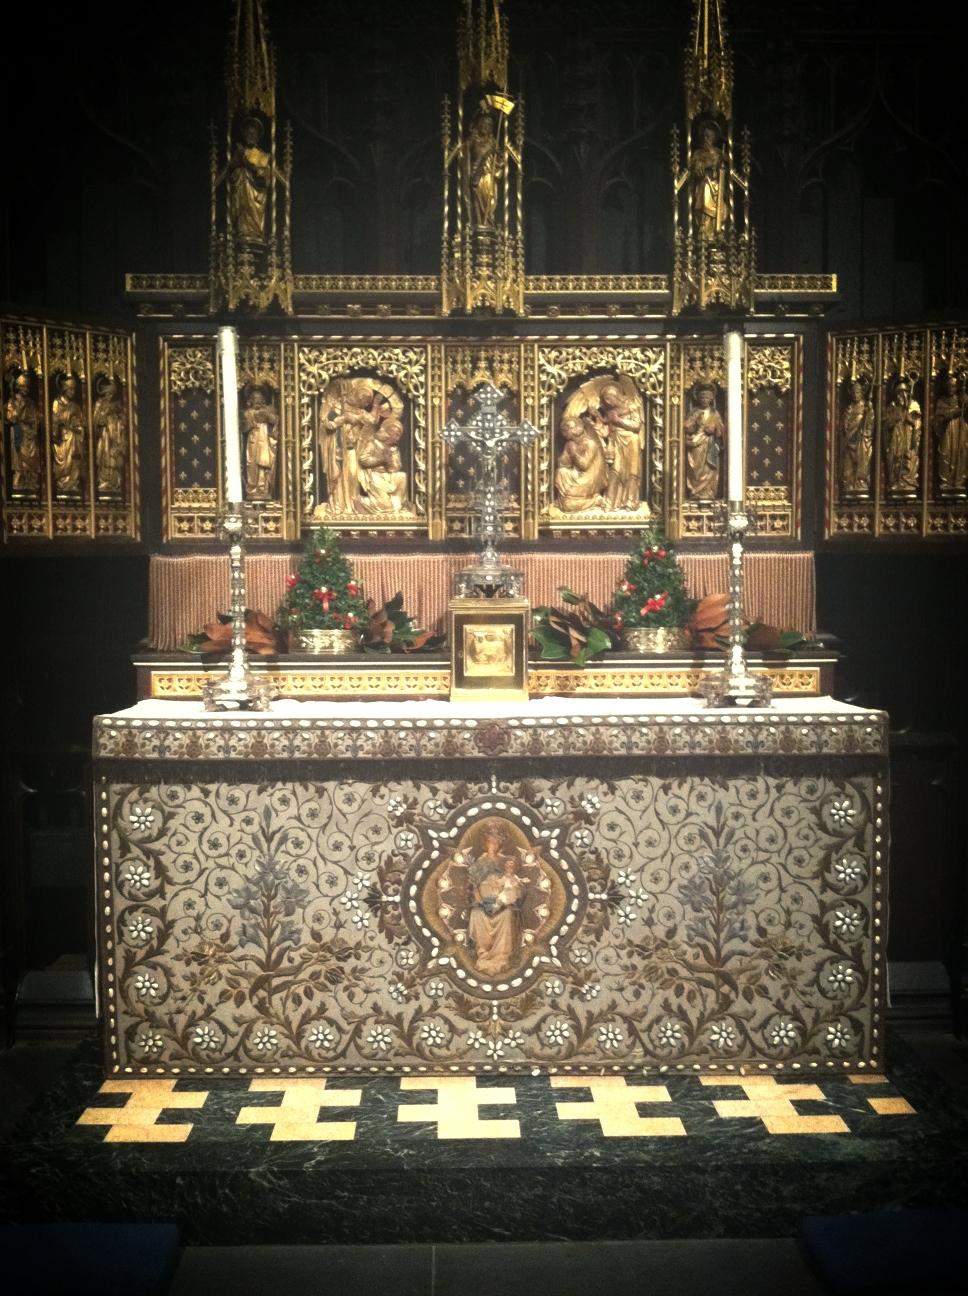 St. John's Altar